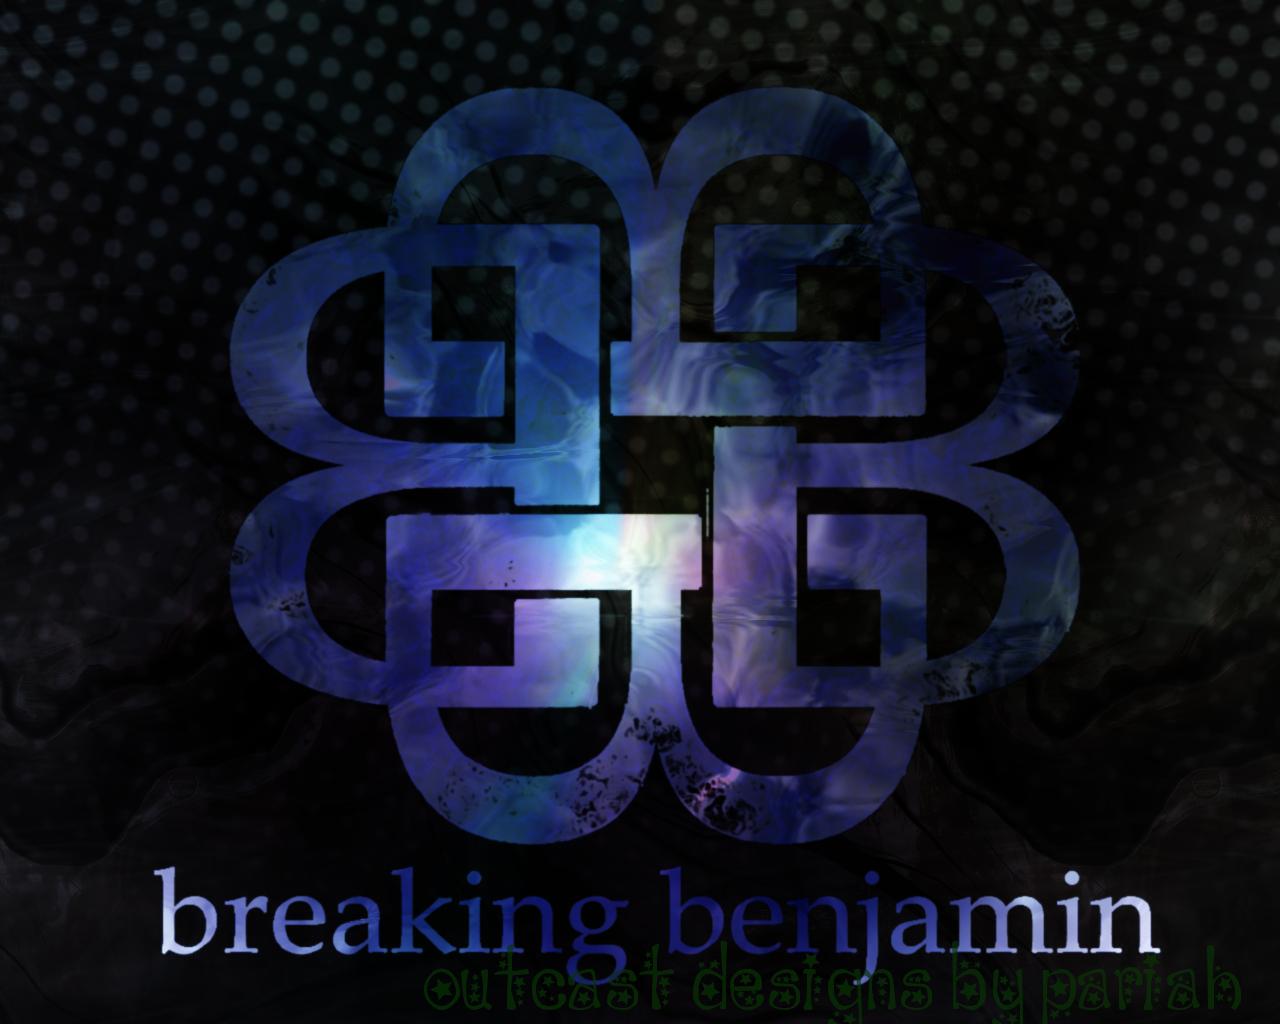 Pin Breaking Benjamin 1280x1024